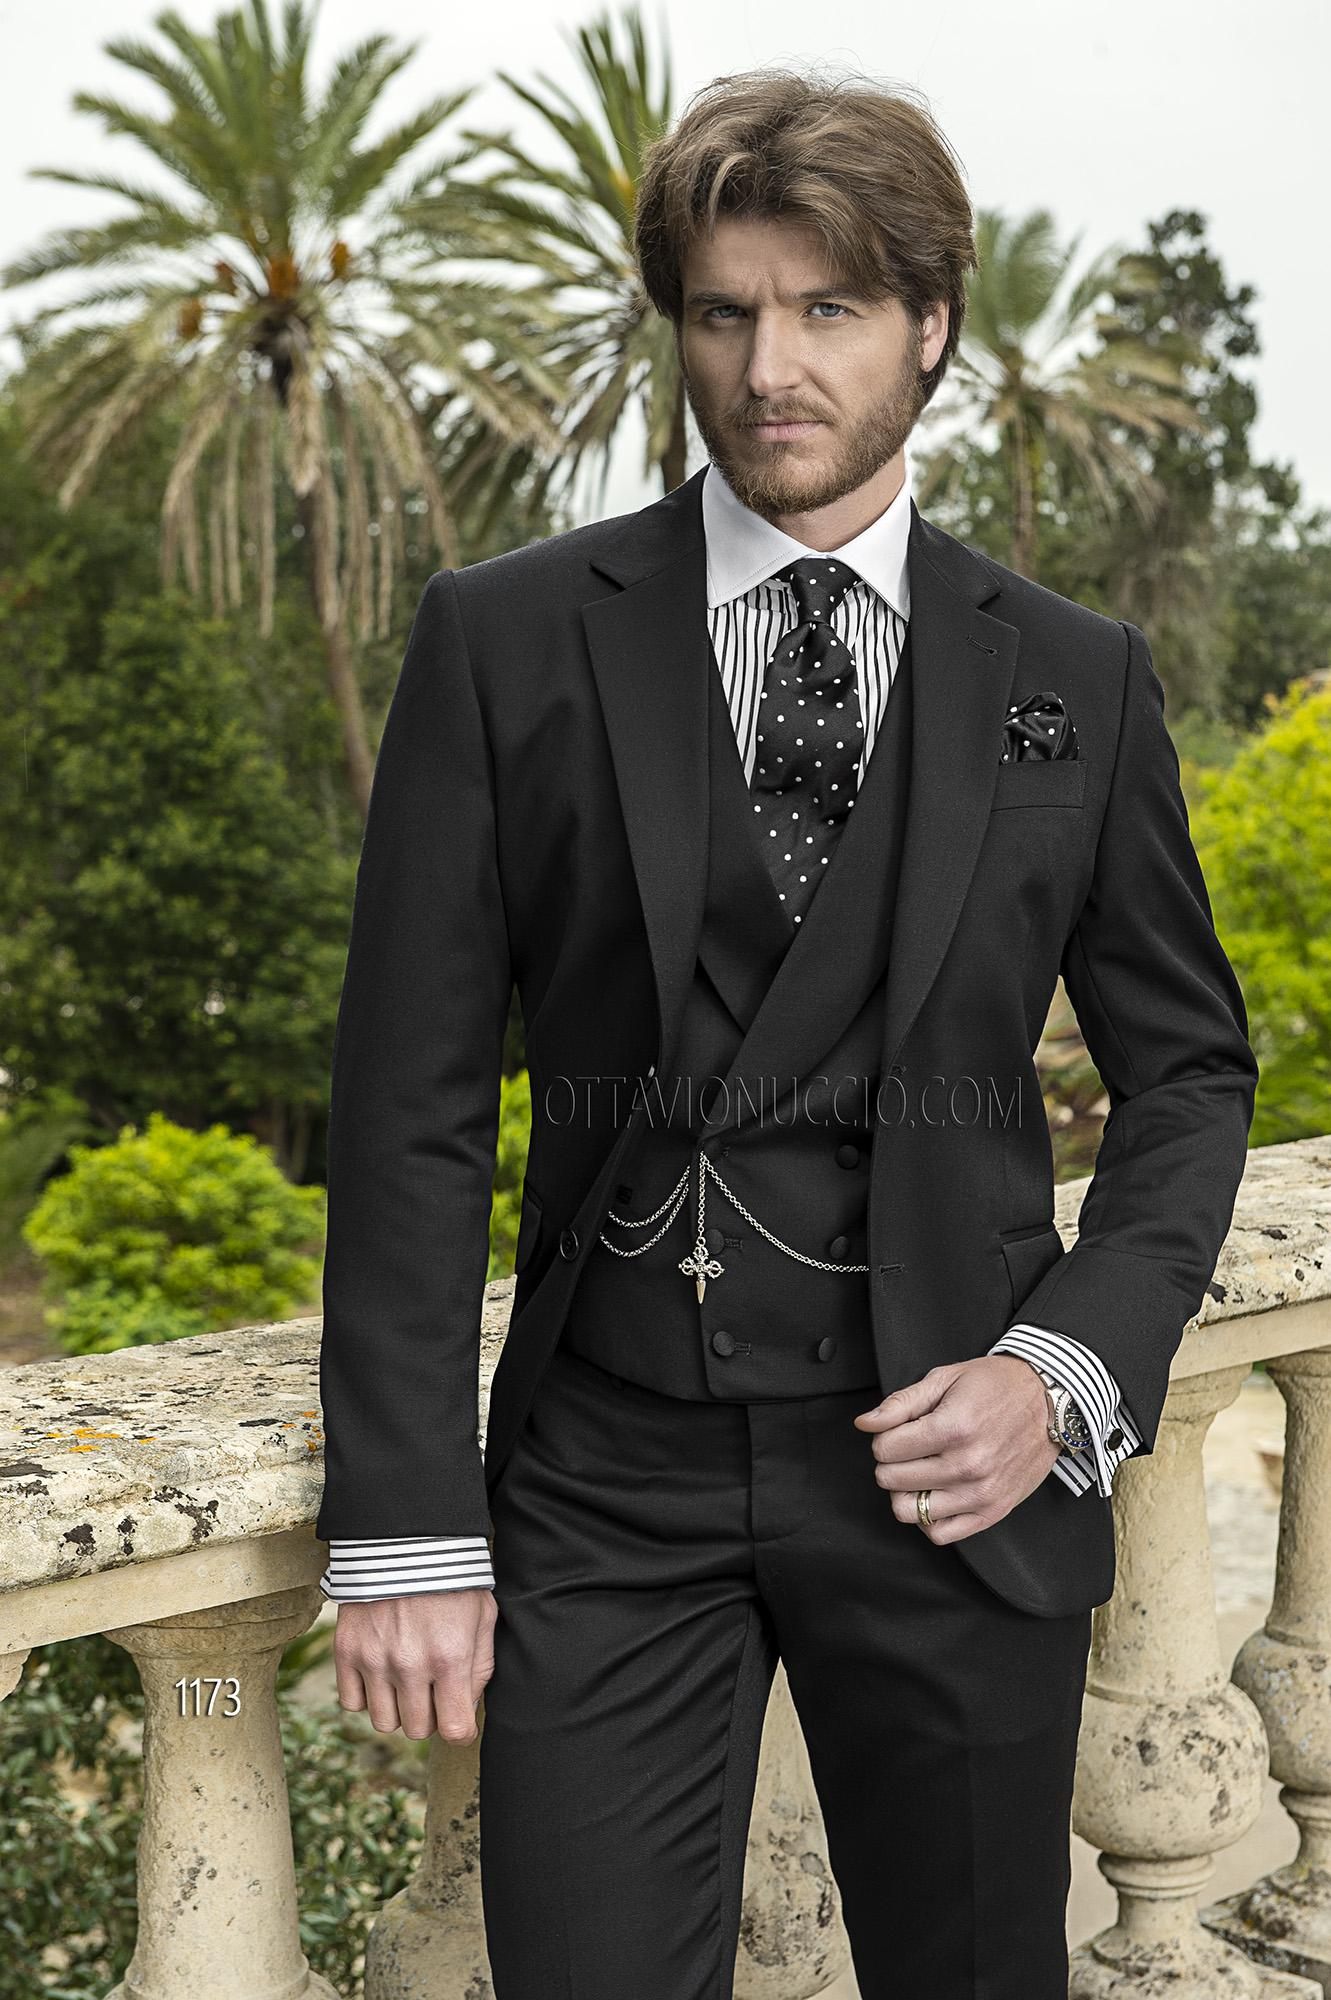 Damat elbise erkek giysileri Siyah Slim Fit düğün için uygun damat özelleştirmek, klasik takım elbise adam tutar Ceket + Pantolon + Kravat + Yelek 01